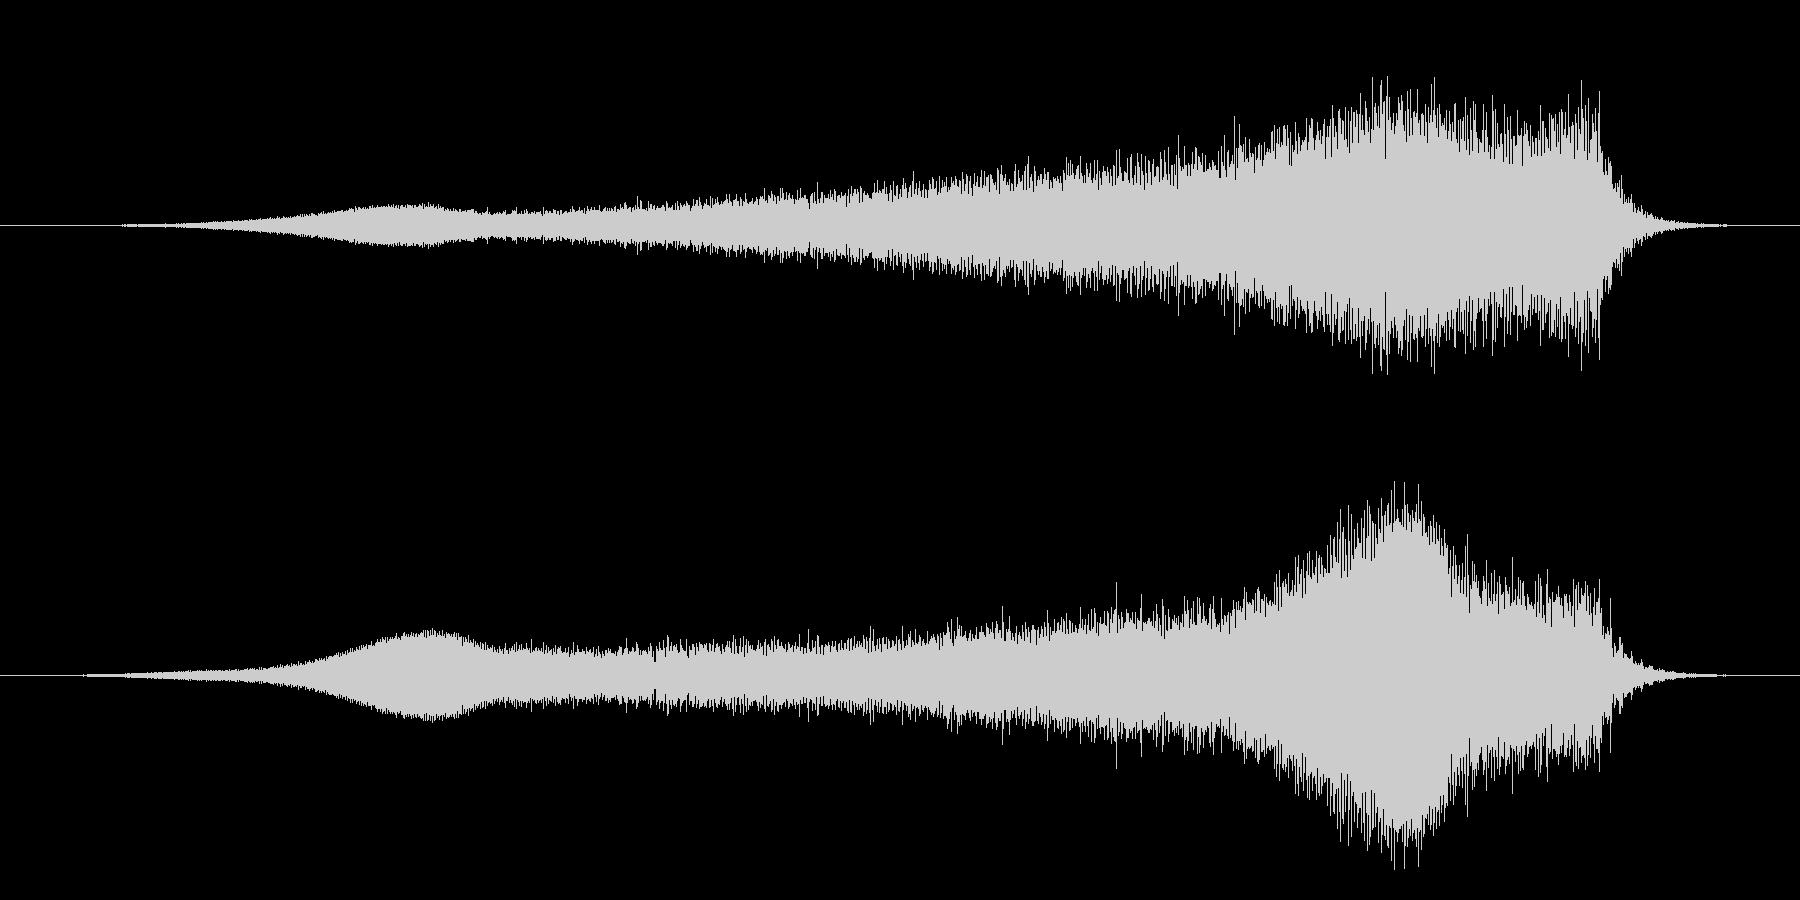 SWELL ノイズシズルロング02の未再生の波形